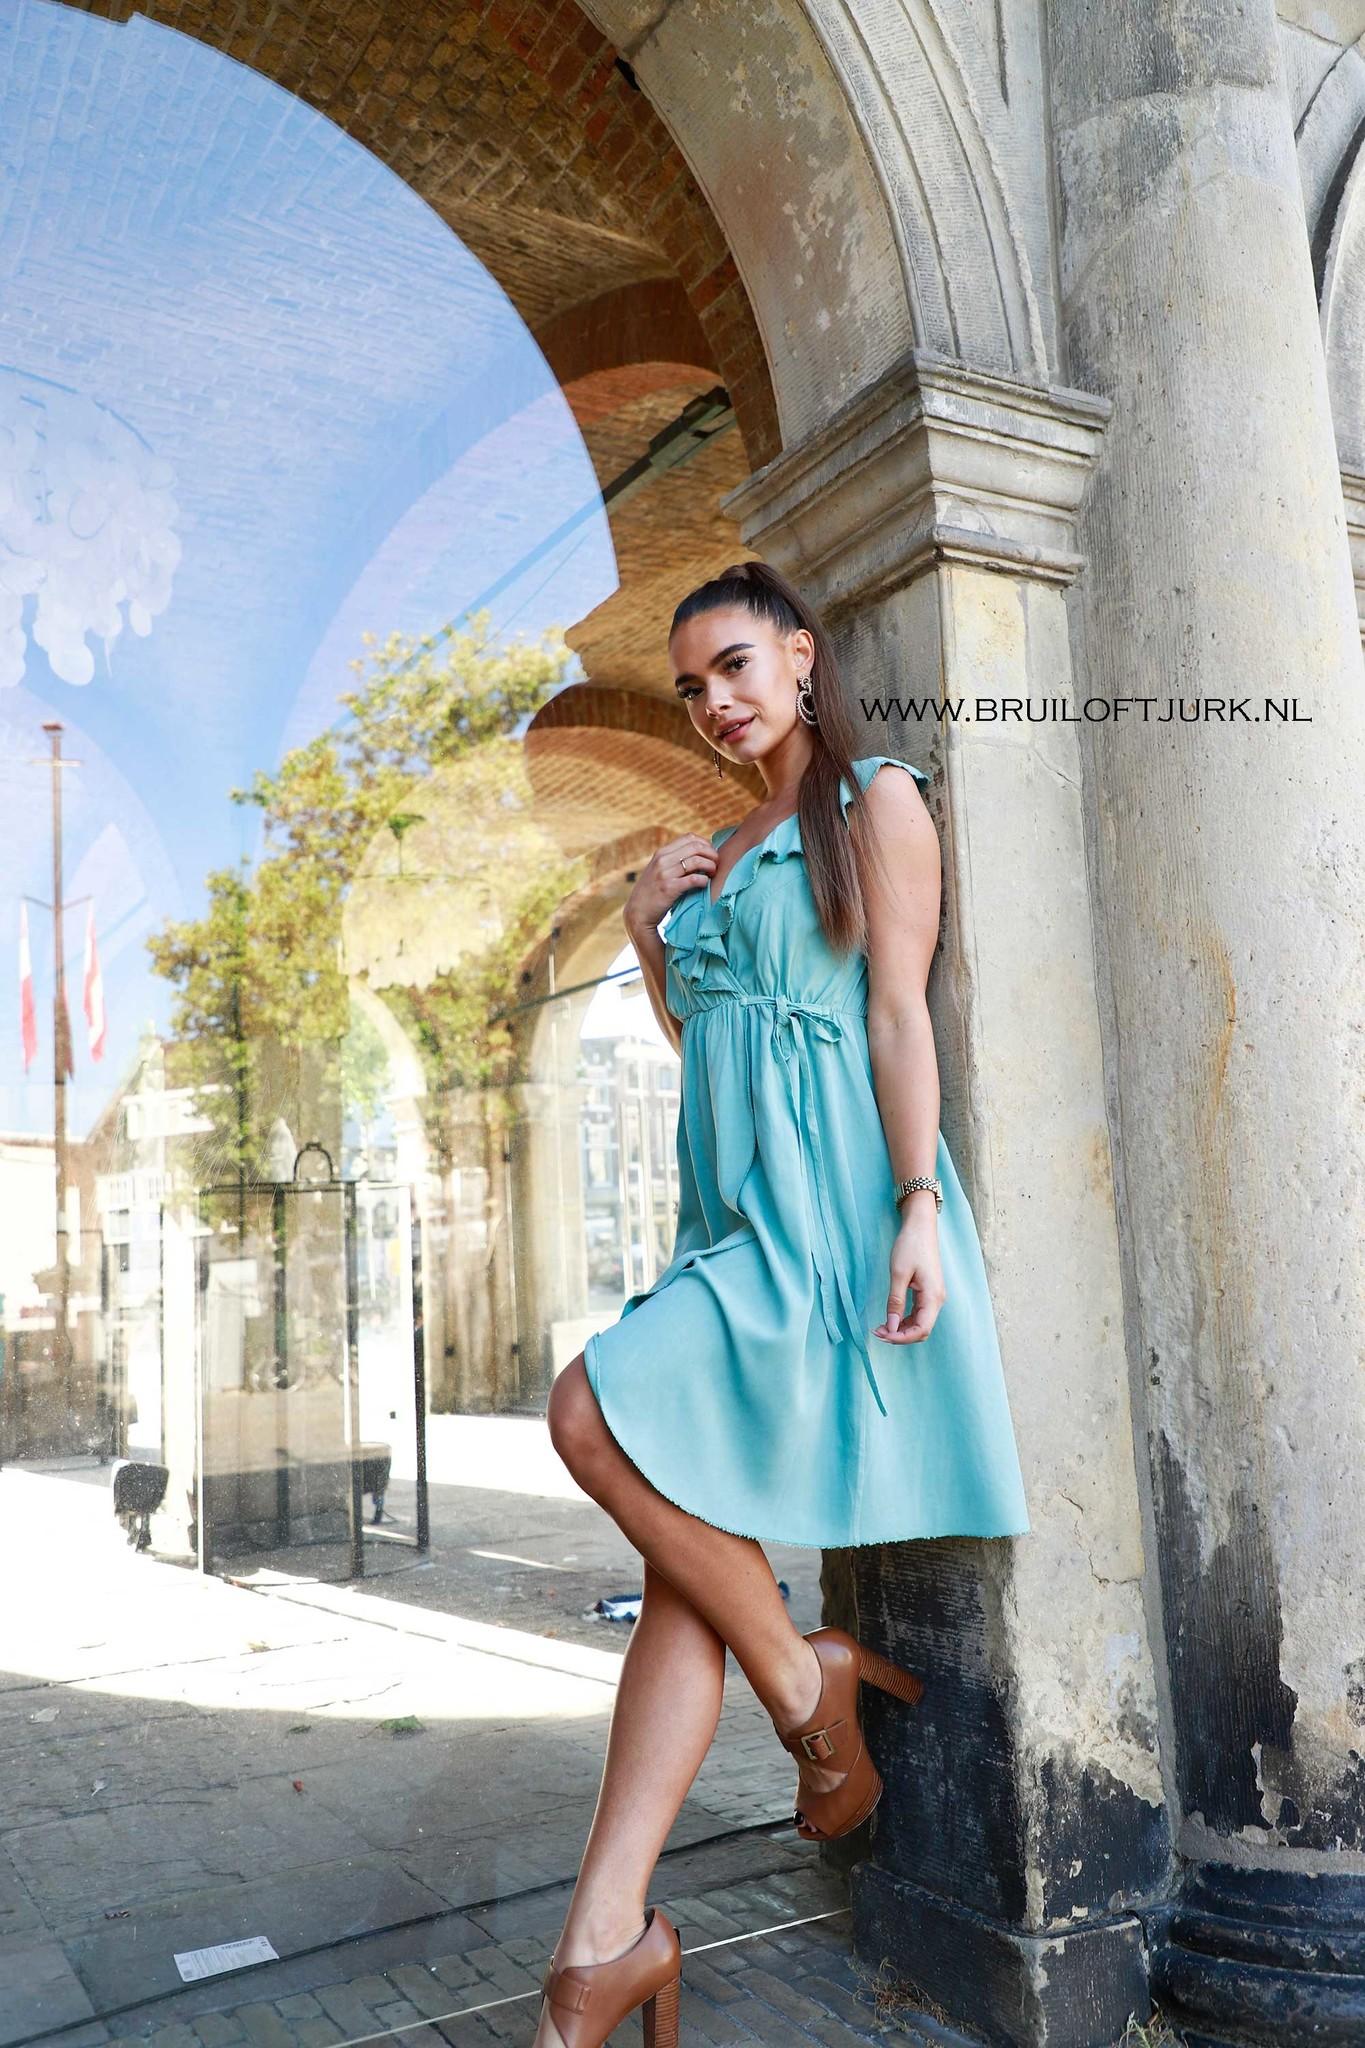 Bruiloft Dresscode - Cocktail - Dames Outfit combineren